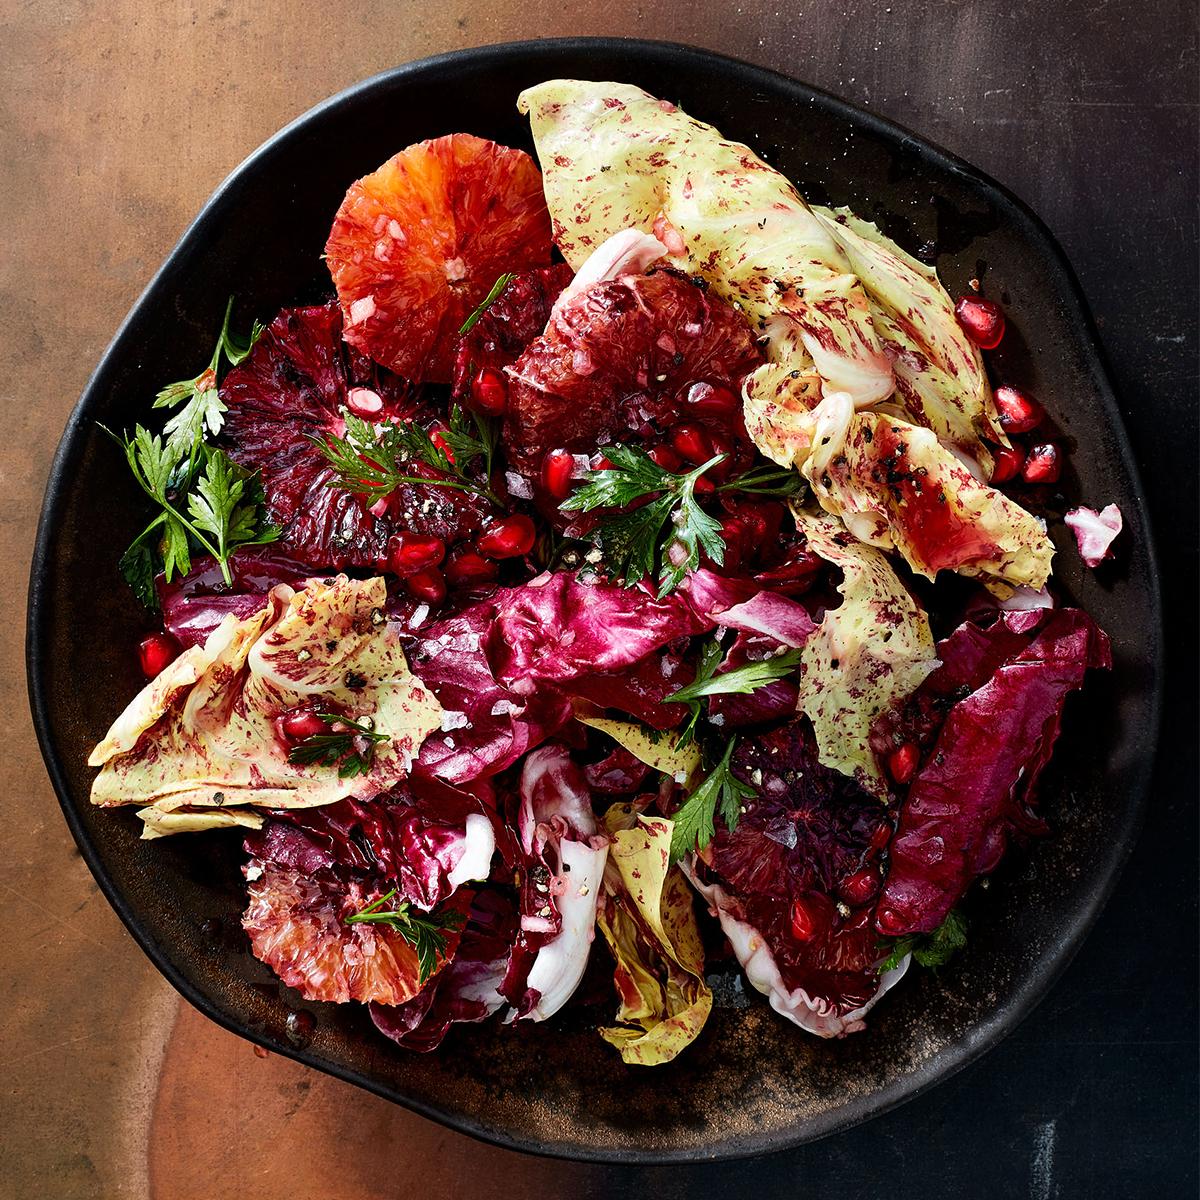 radicchio and citrus salad